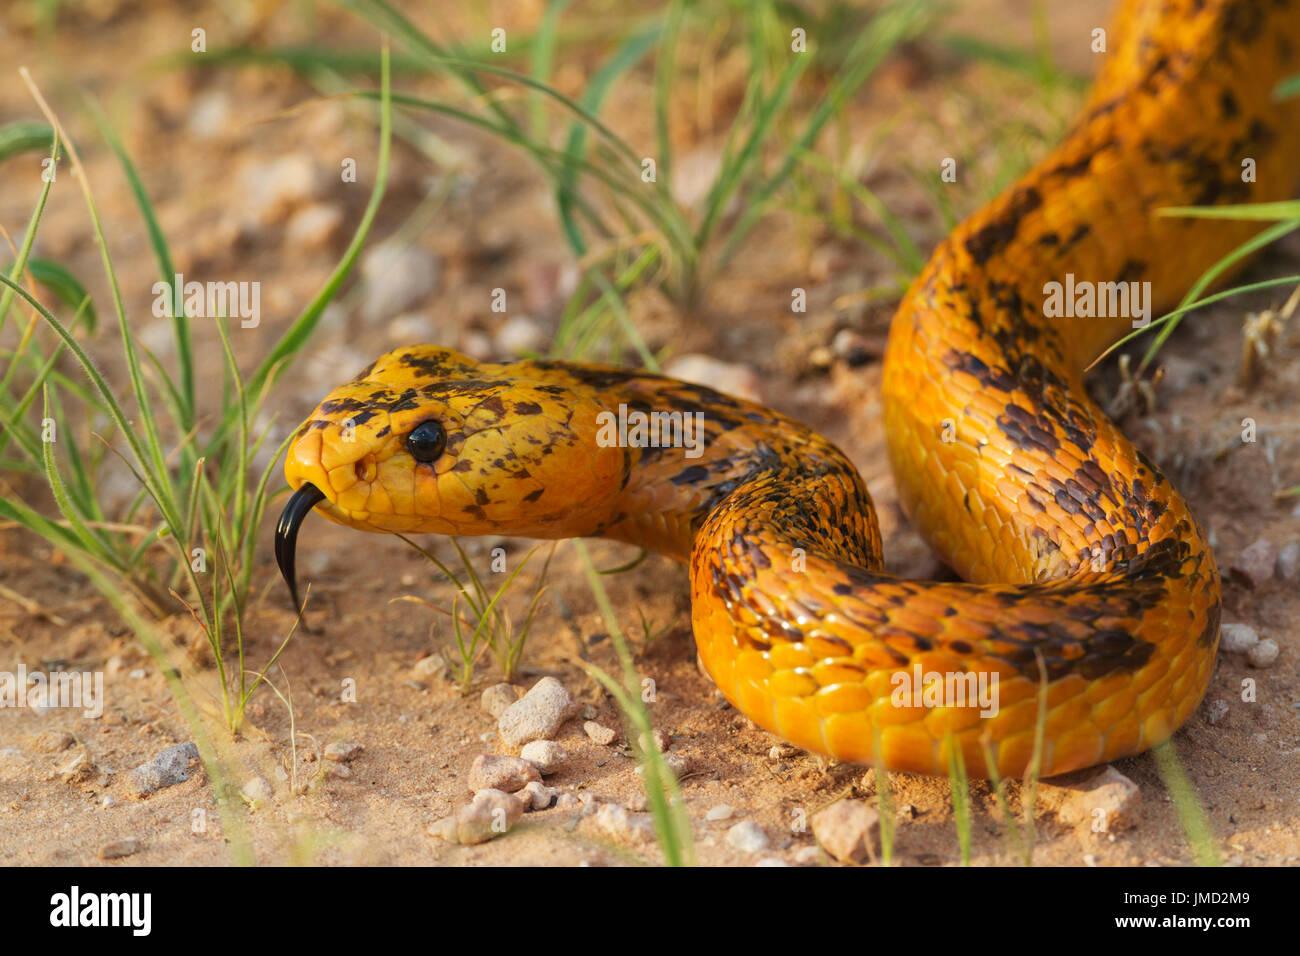 Kapkobra, Kap-Kobra ( Naja nivea) zuengelnd. Cape Cobra (Naja nivea). During the rainy season with green grass. - Stock Image